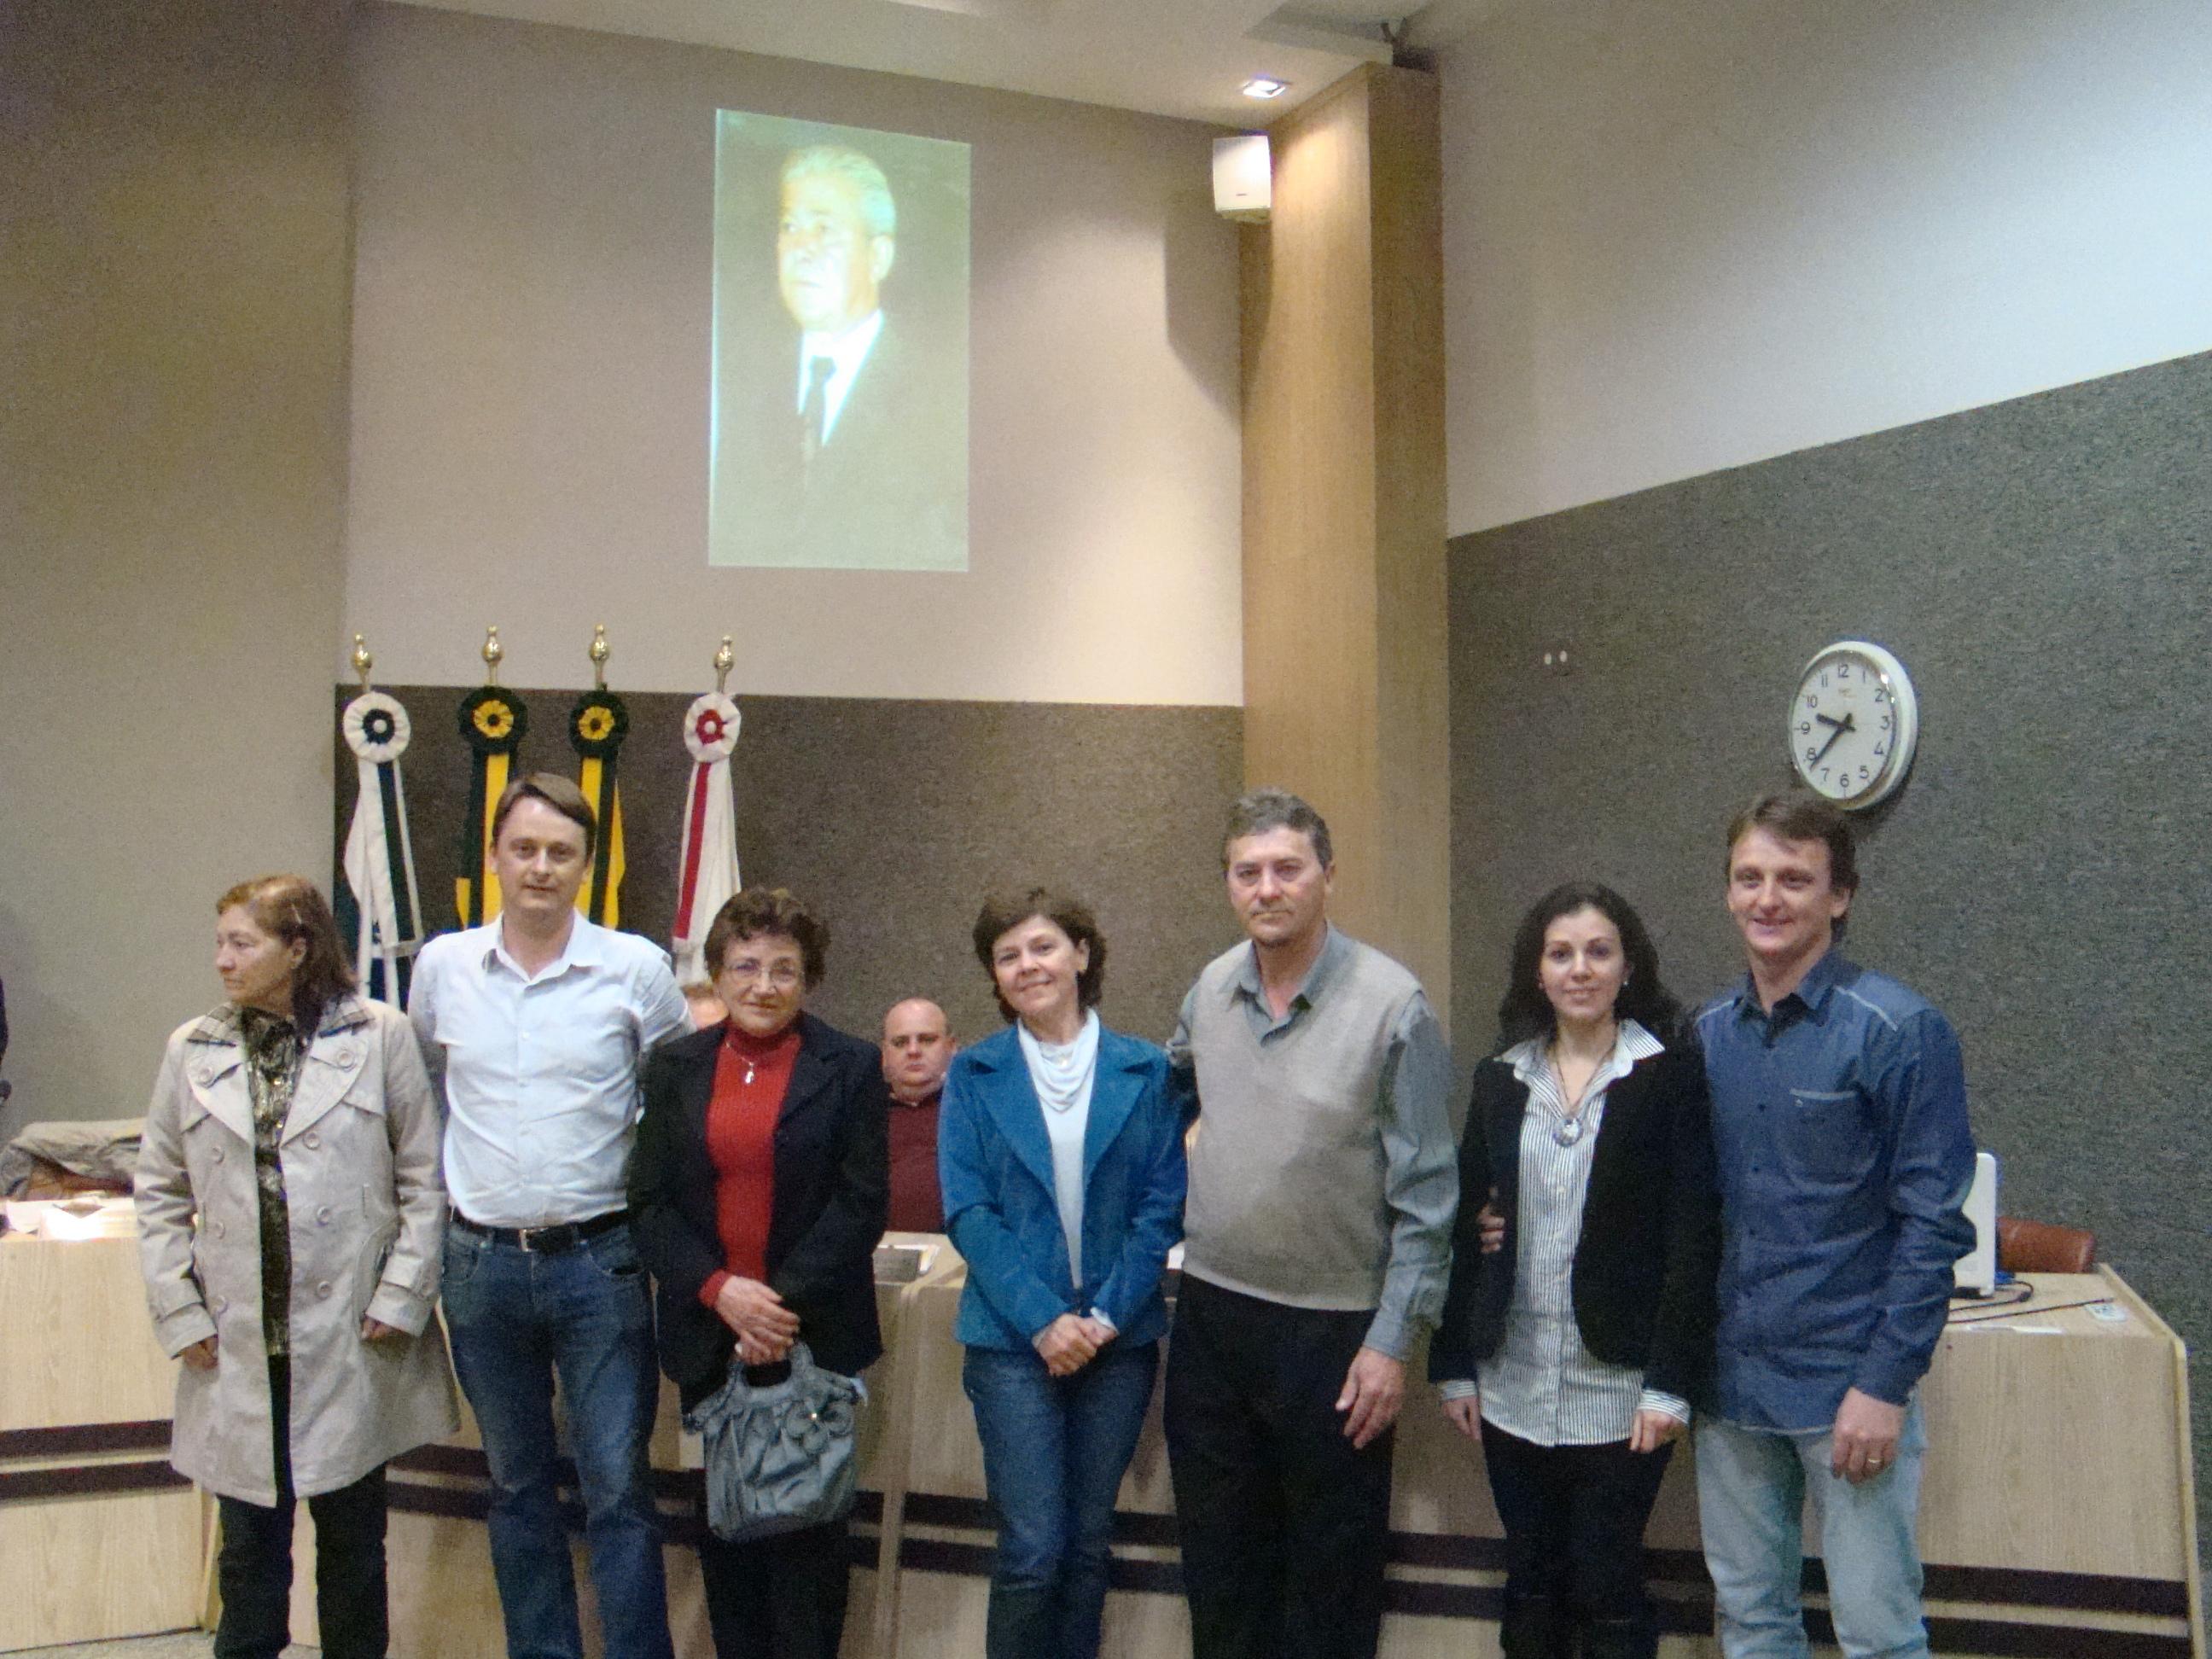 Familiares junto aos Vereadores Luciano Antonio e Osmar Pereira, na sess�o que aprovou a mat�ria